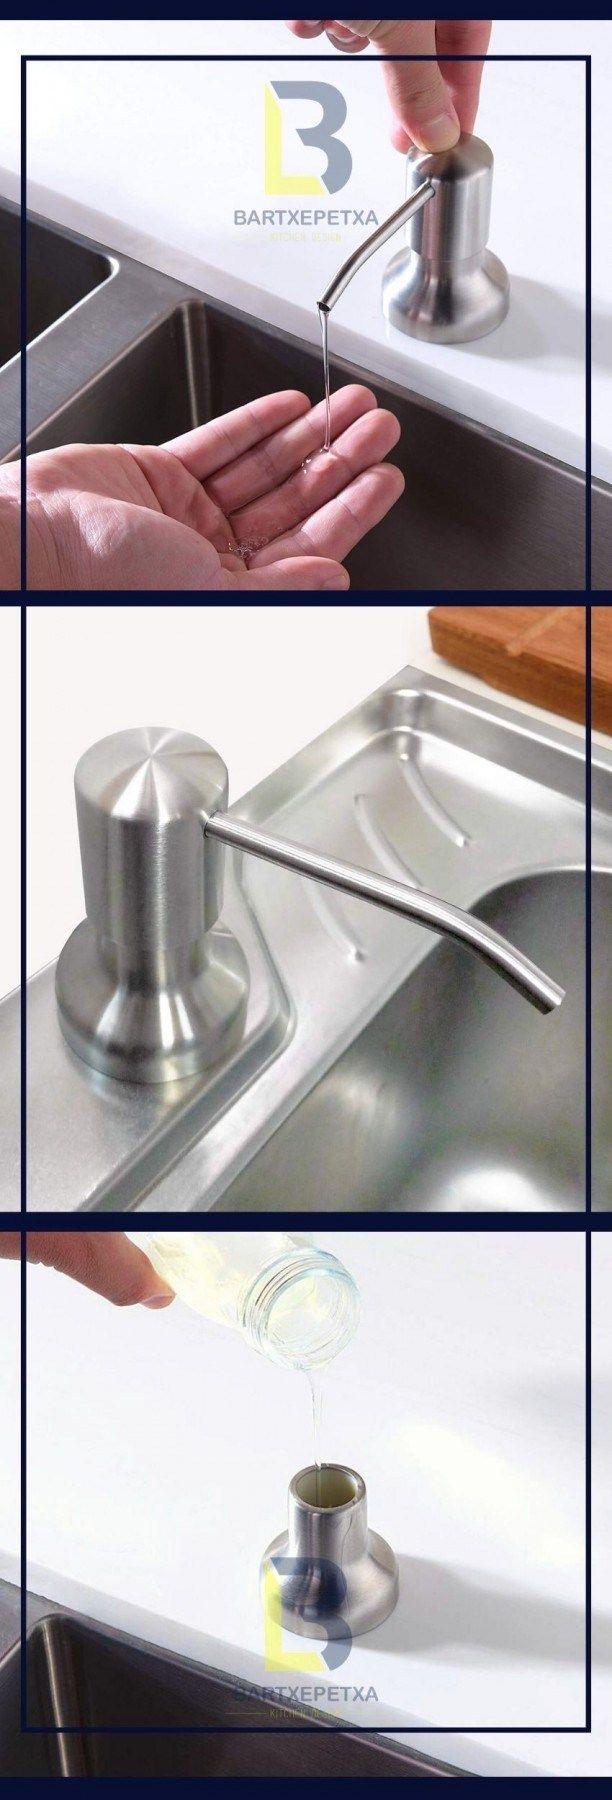 Best Kitchen Sink Soap Dispenser Ideas Design In 2020 Sink Soap Dispenser Best Kitchen Sinks Soap Dispenser